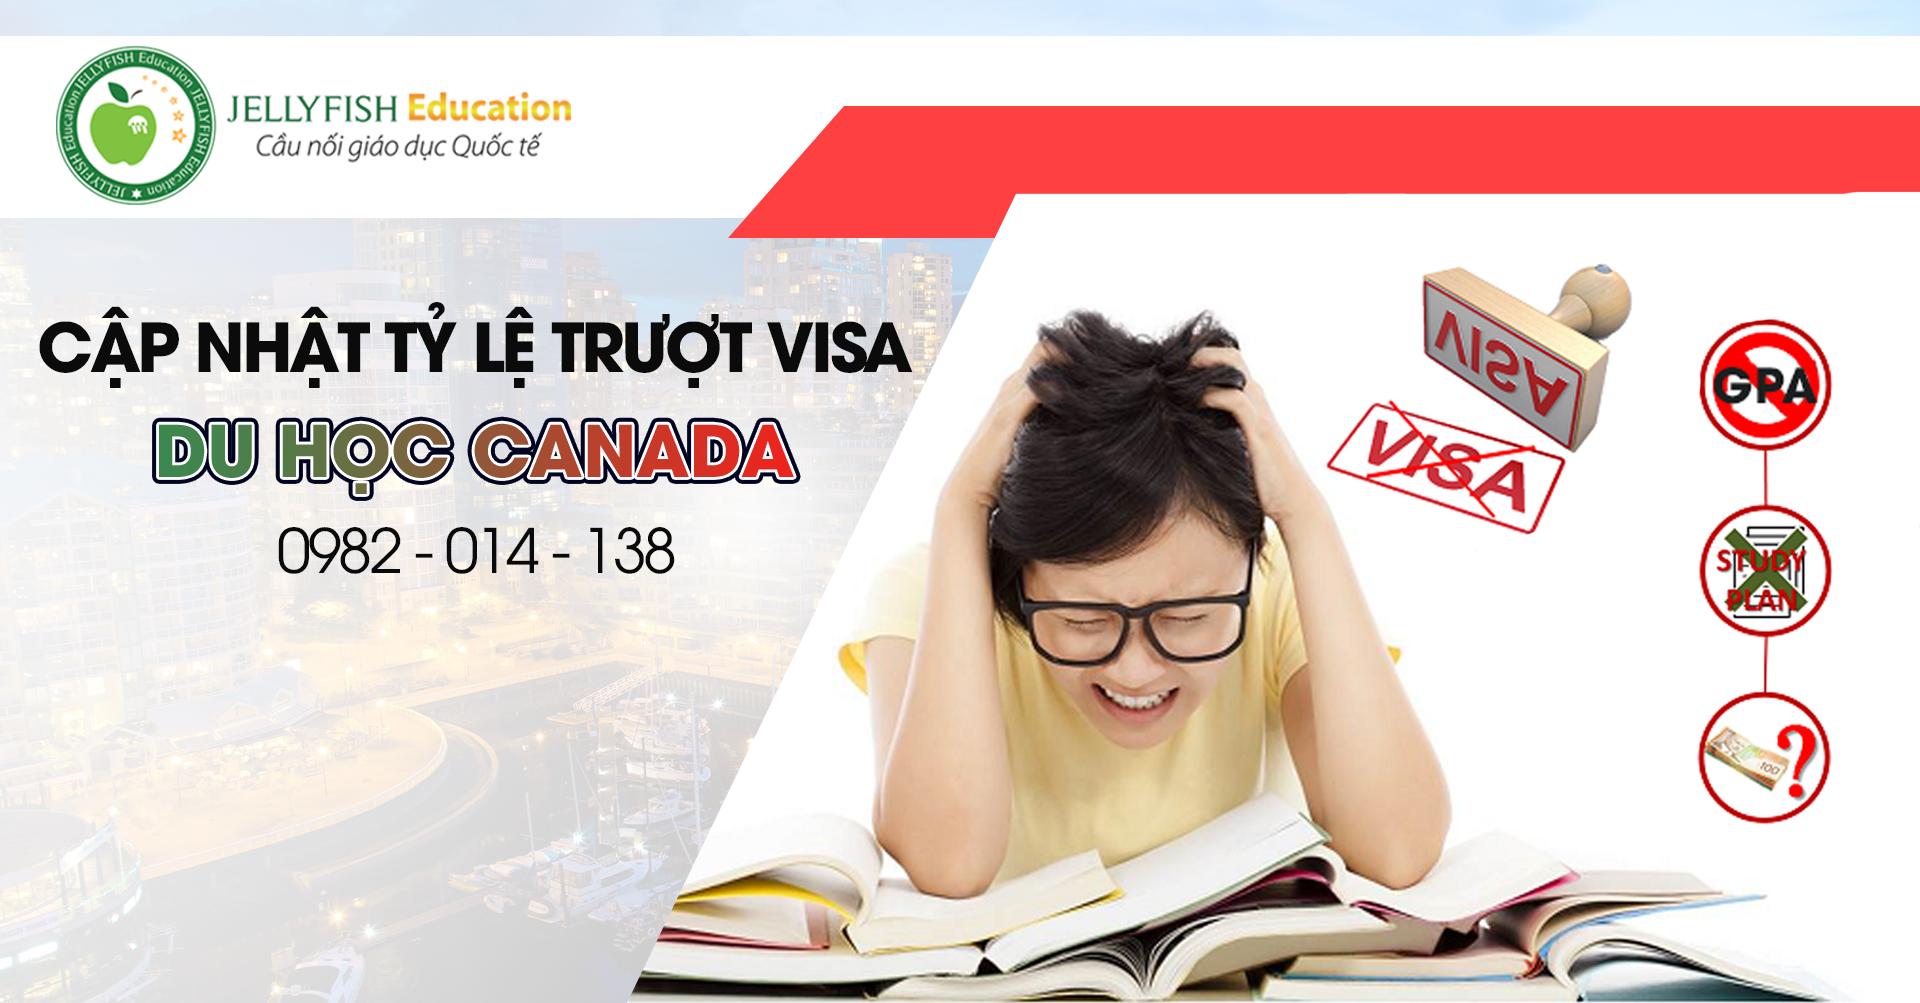 Tỷ lệ trượt visa du học Canada